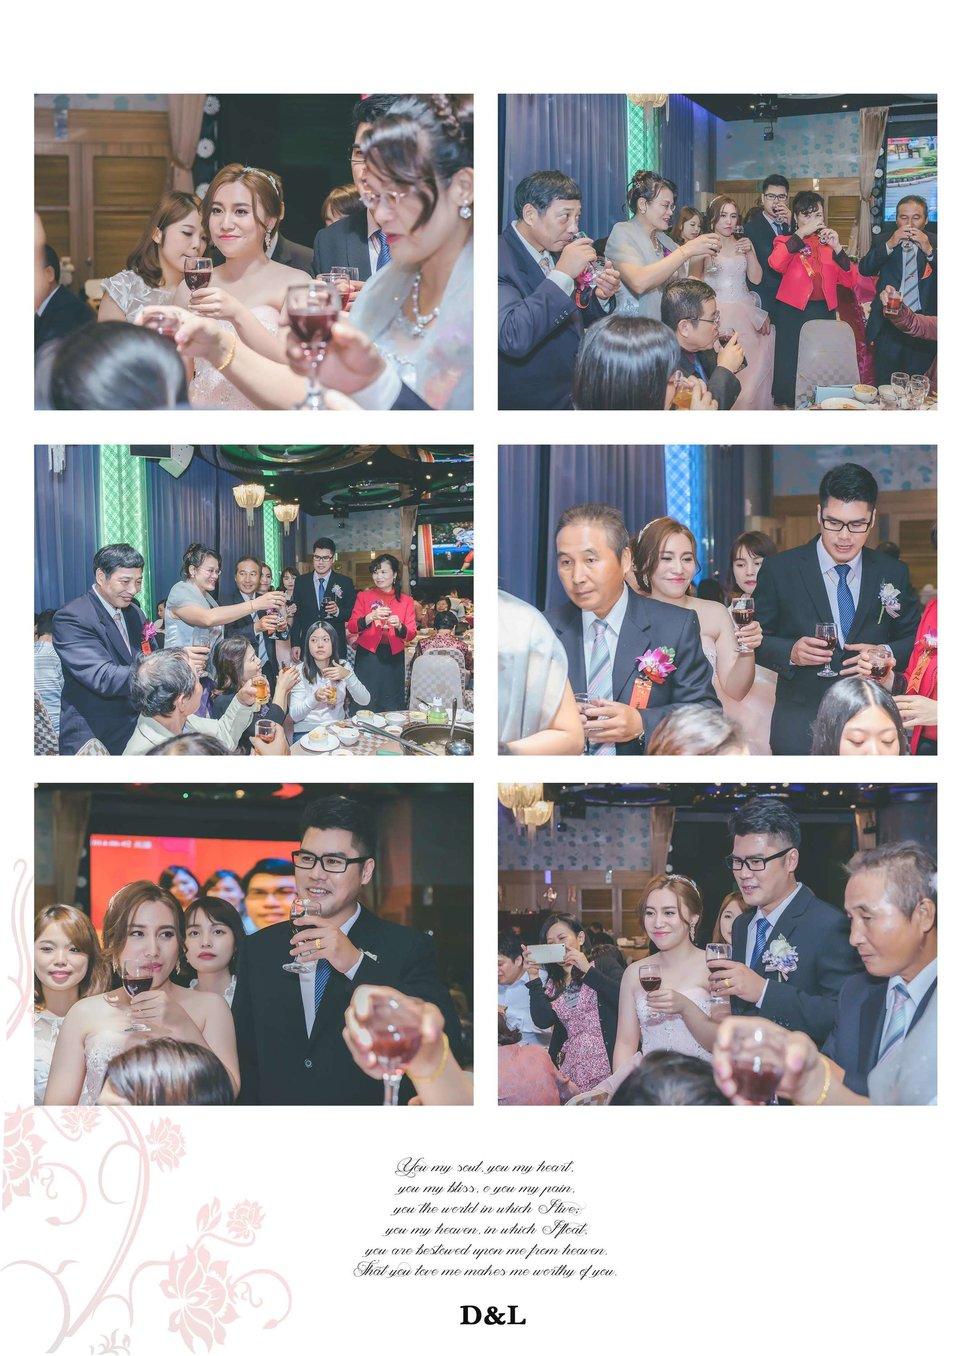 35 - D&L 婚禮事務-婚紗攝影/婚禮記錄 - 結婚吧